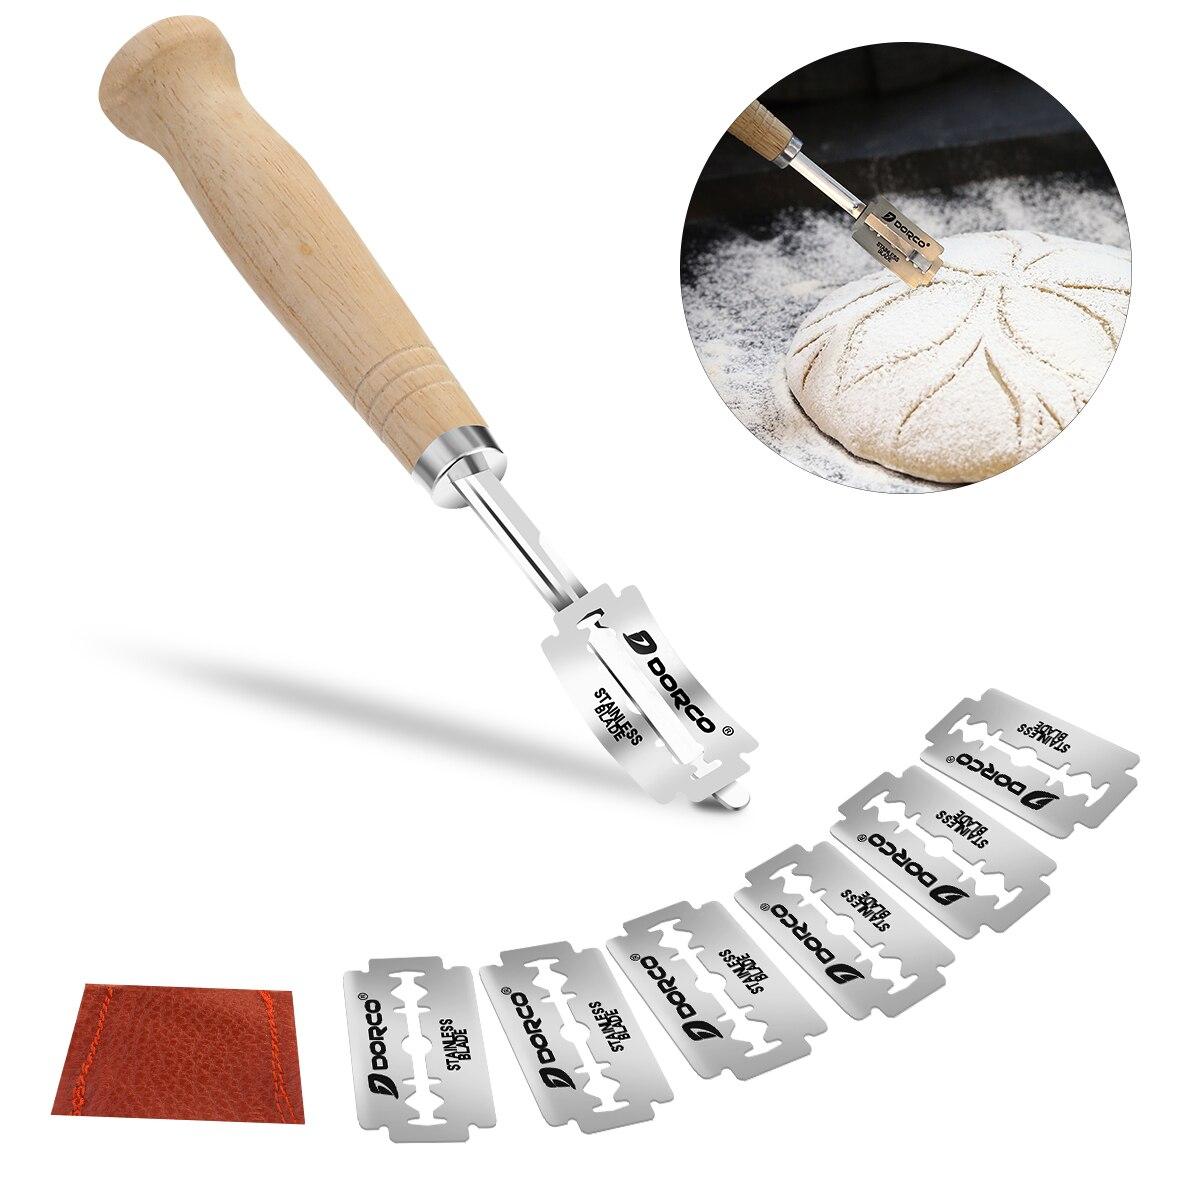 Klingen Brot Cutter Für Hieb Scoring Edelstahl Brot Teig Premium Hand Gefertigt Brot Mit 6 Klingen Teig Scoring Werkzeug